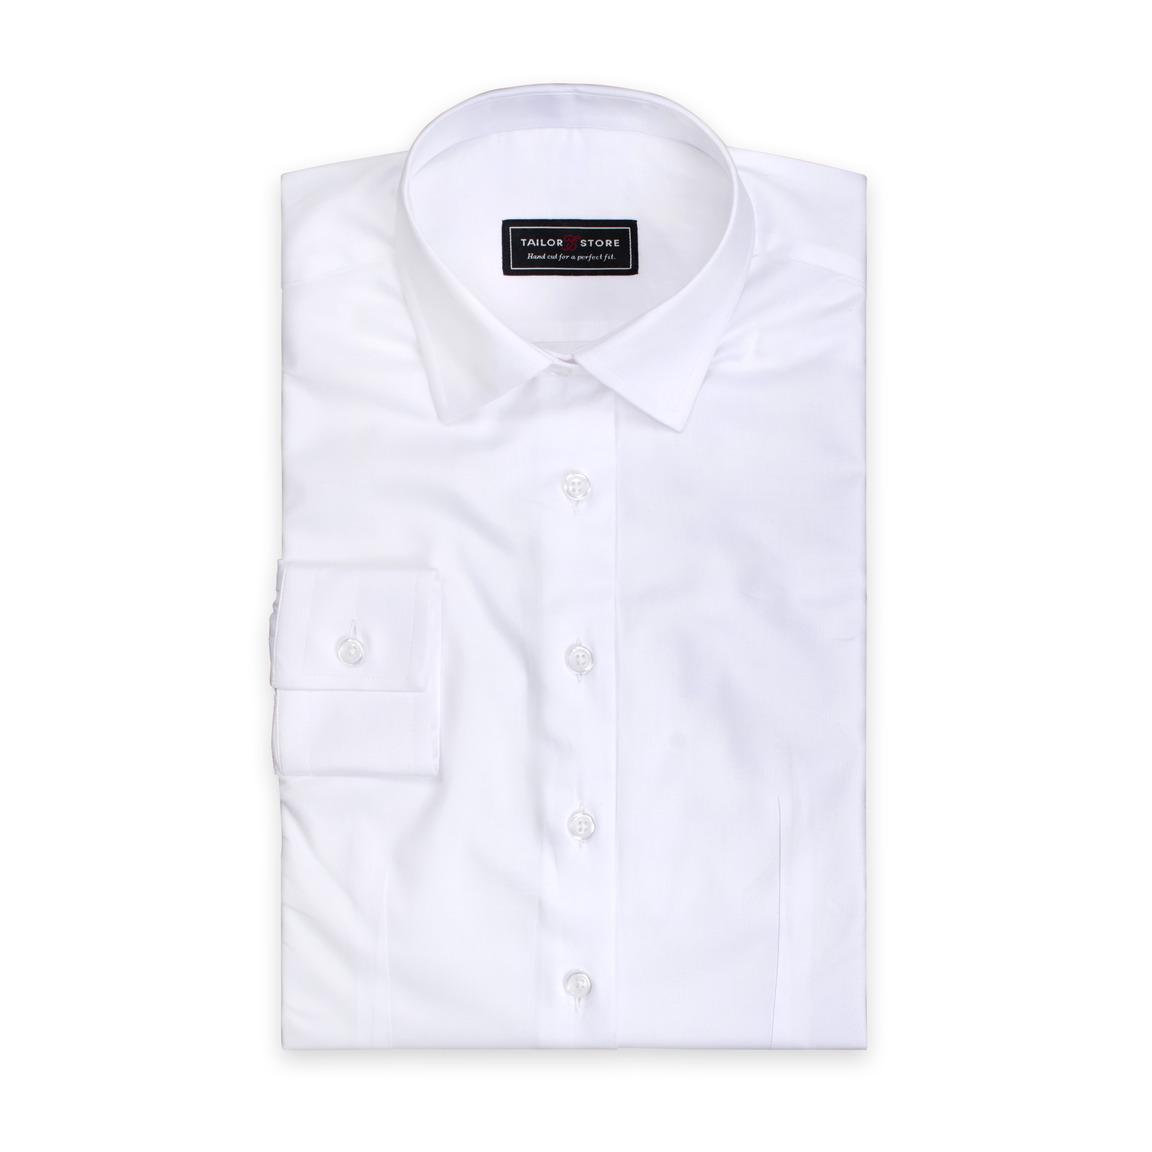 Vit skräddarsydd damskjorta med businesskrage